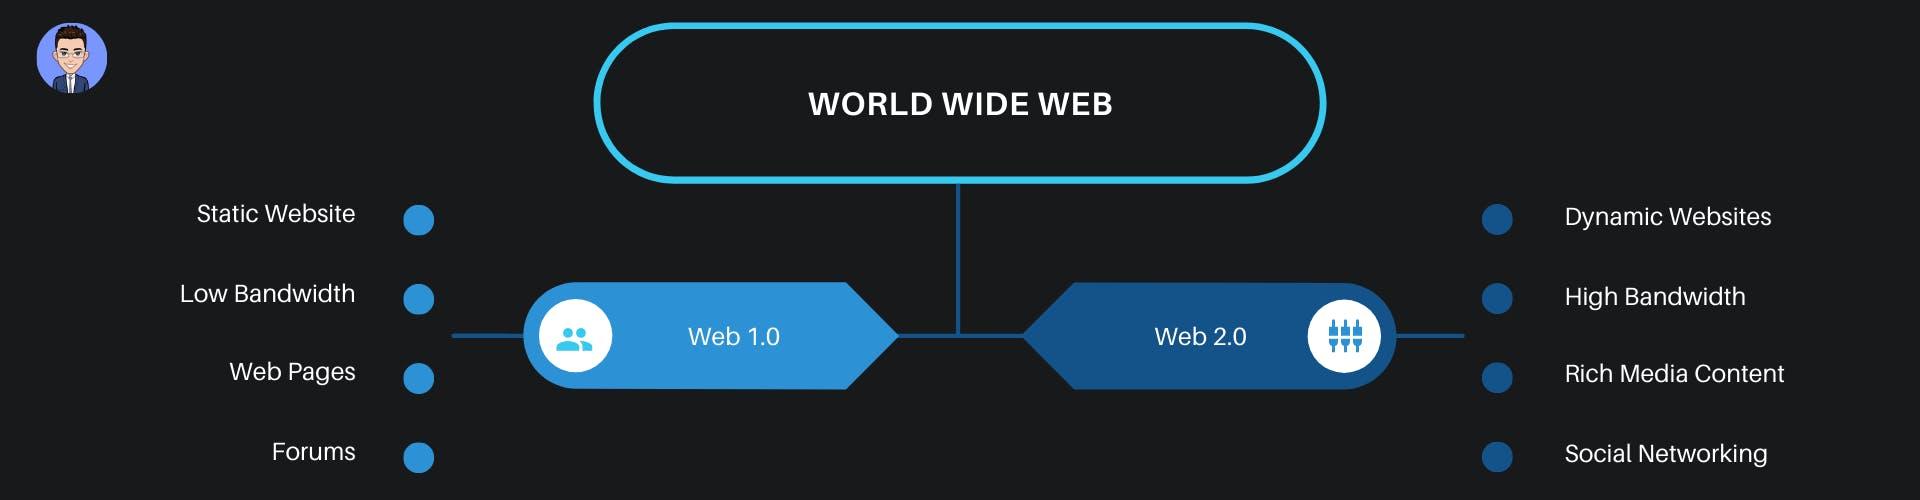 Web 1 vs Web 2